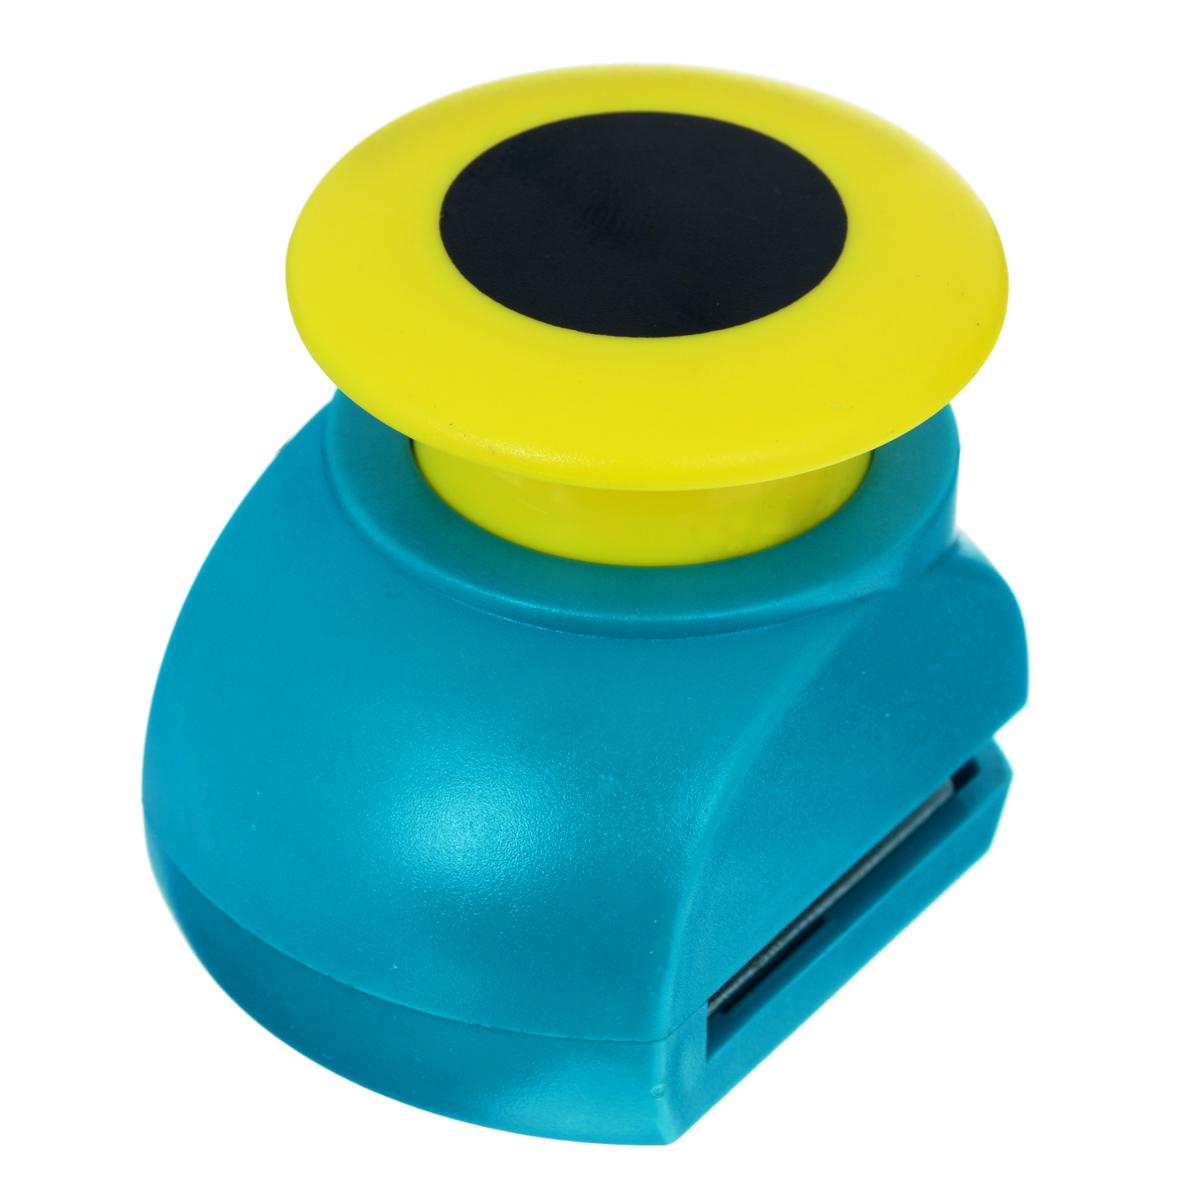 Дырокол фигурный Астра Круг. JF-823C7709606_114Дырокол Астра Круг поможет вам легко, просто и аккуратно вырезать много одинаковых мелких фигурок.Режущие части компостера закрыты пластмассовым корпусом, что обеспечивает безопасность для детей. Можно использовать вырезанные мотивы как конфетти или для наклеивания. Дырокол подходит для разных техник: декупажа, скрапбукинга, декорирования.Размер дырокола: 5 см х 4 см х 5 см.Диаметр вырезанной фигурки: 2,5 см.